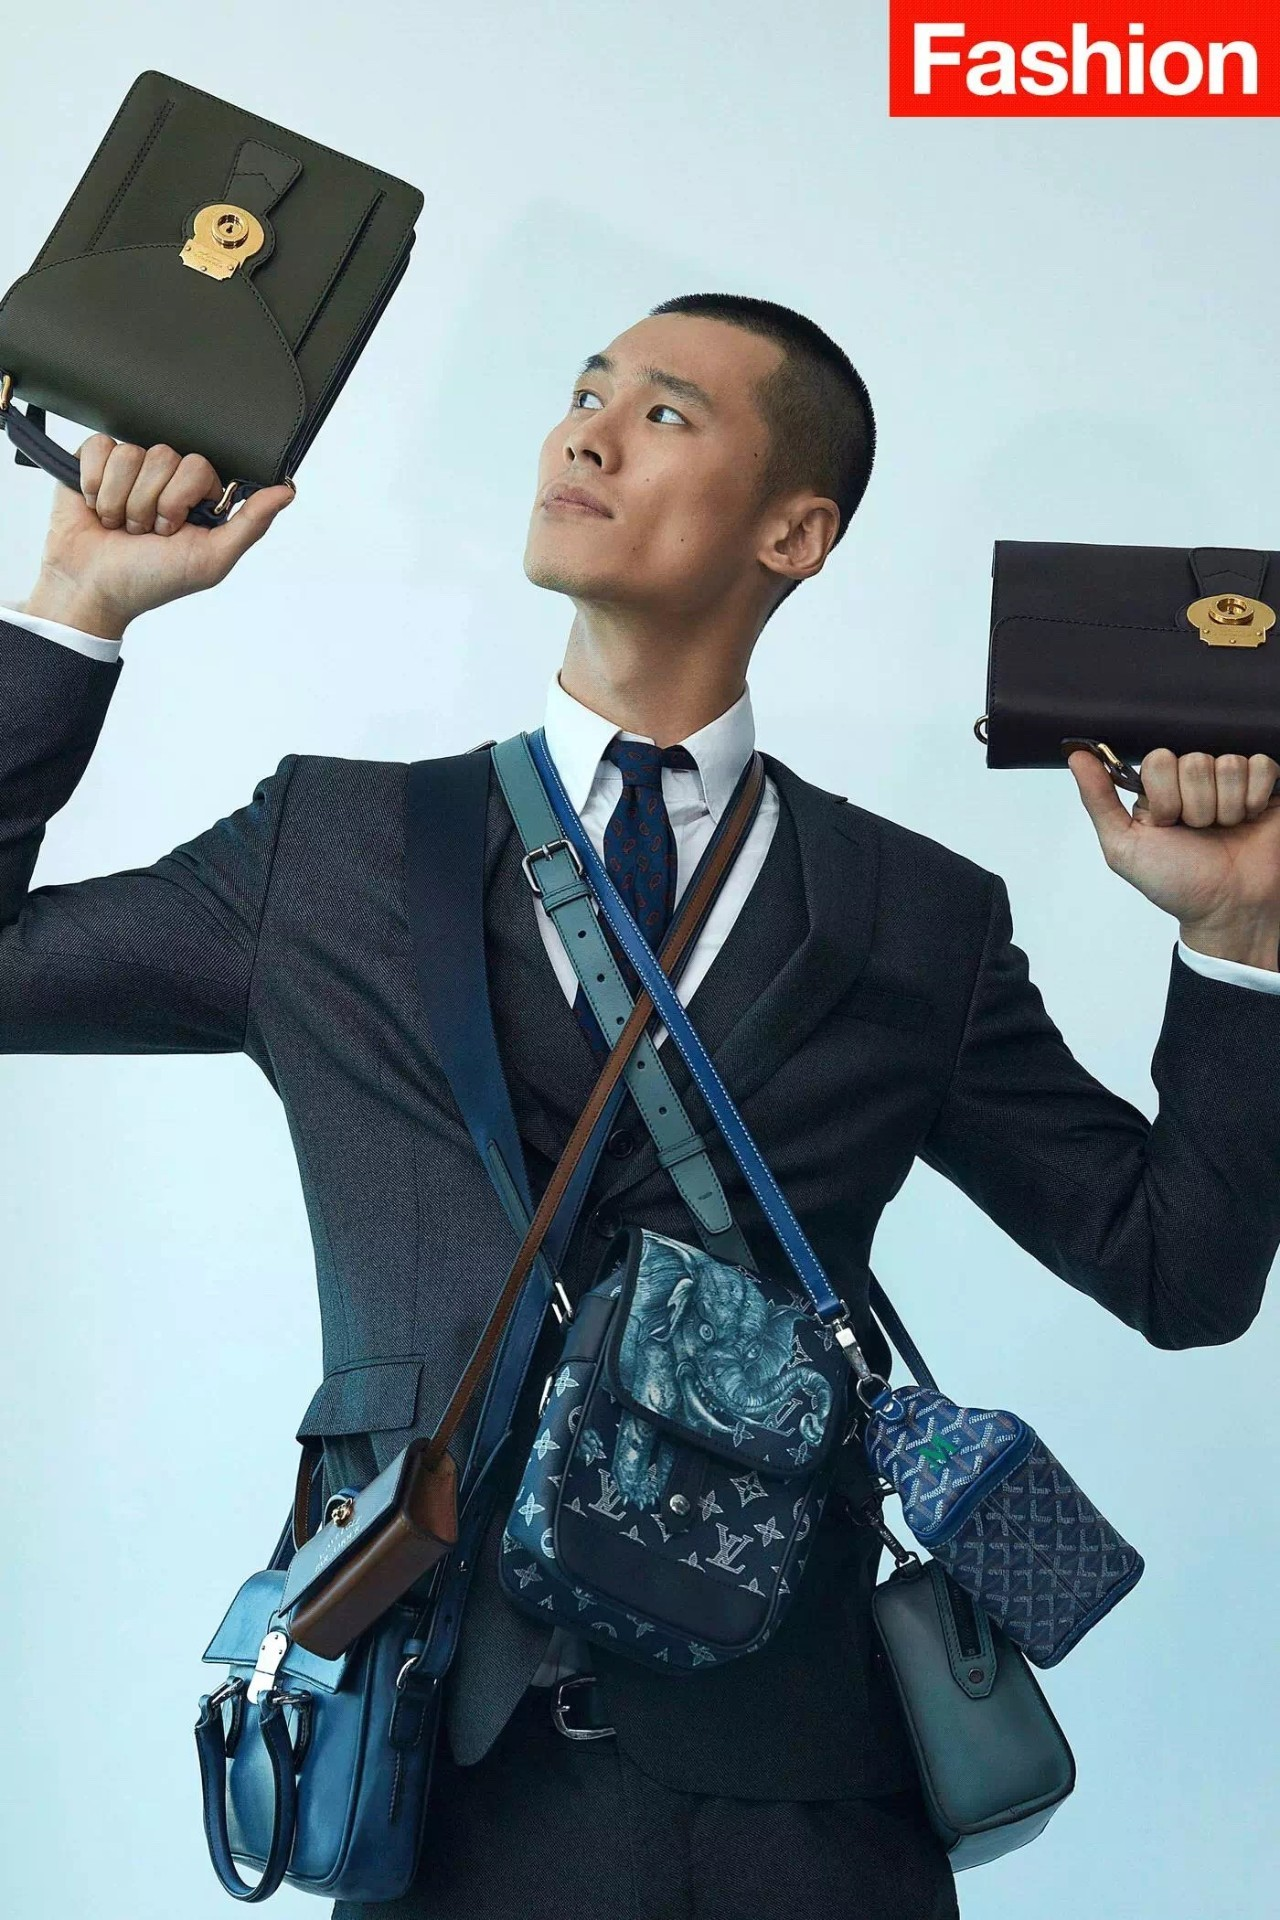 男人背小包真的就很娘吗?男士也很流行背小包 男士时尚 图3